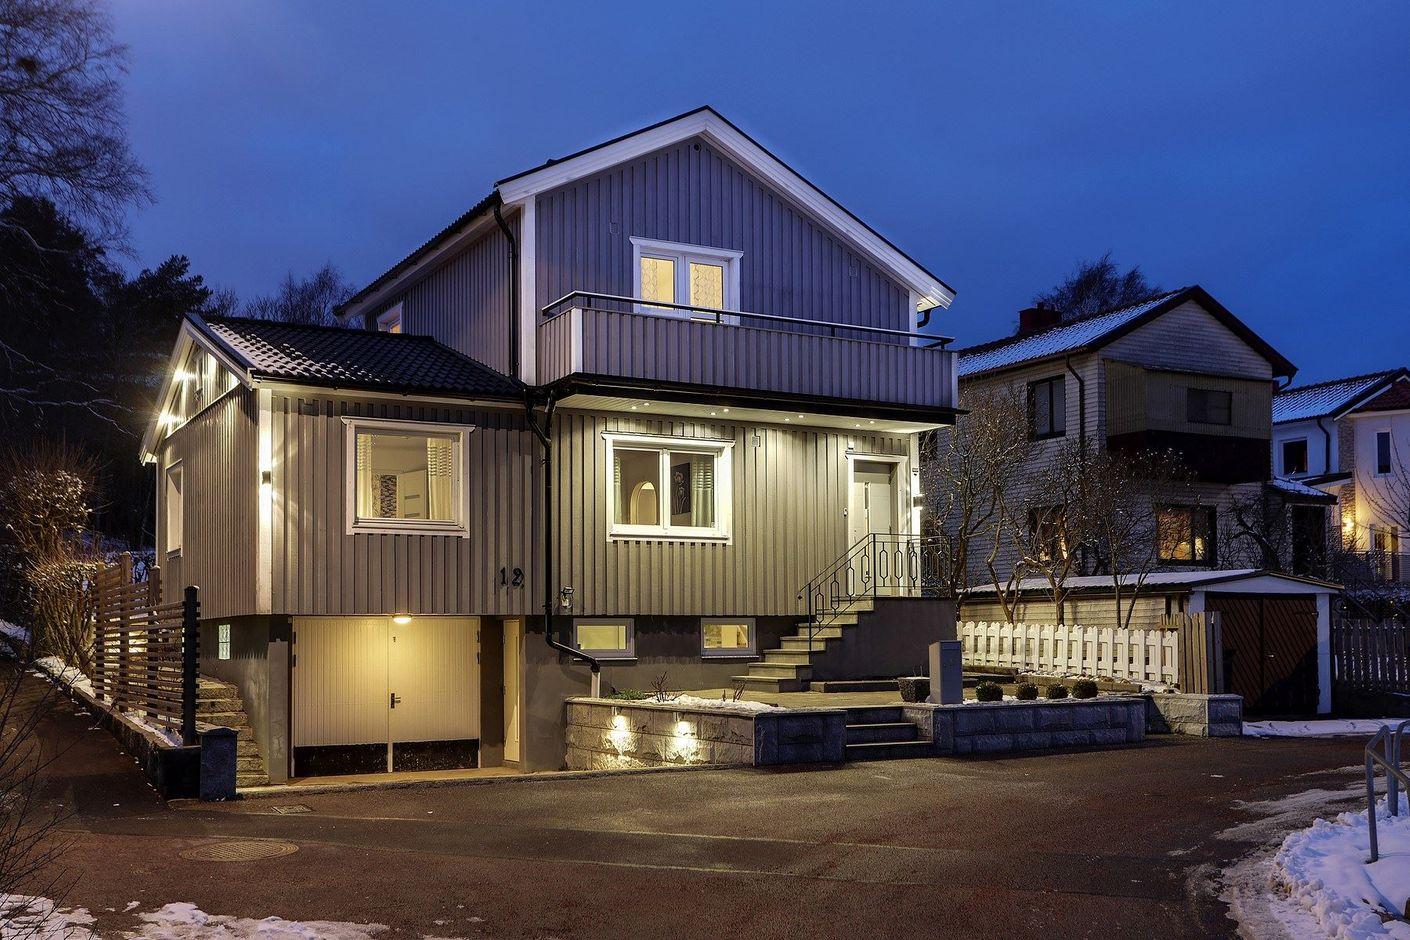 Sorgardsvagen 12 Utby Husmanhagberg Din Lokala Fastighetsmaklare